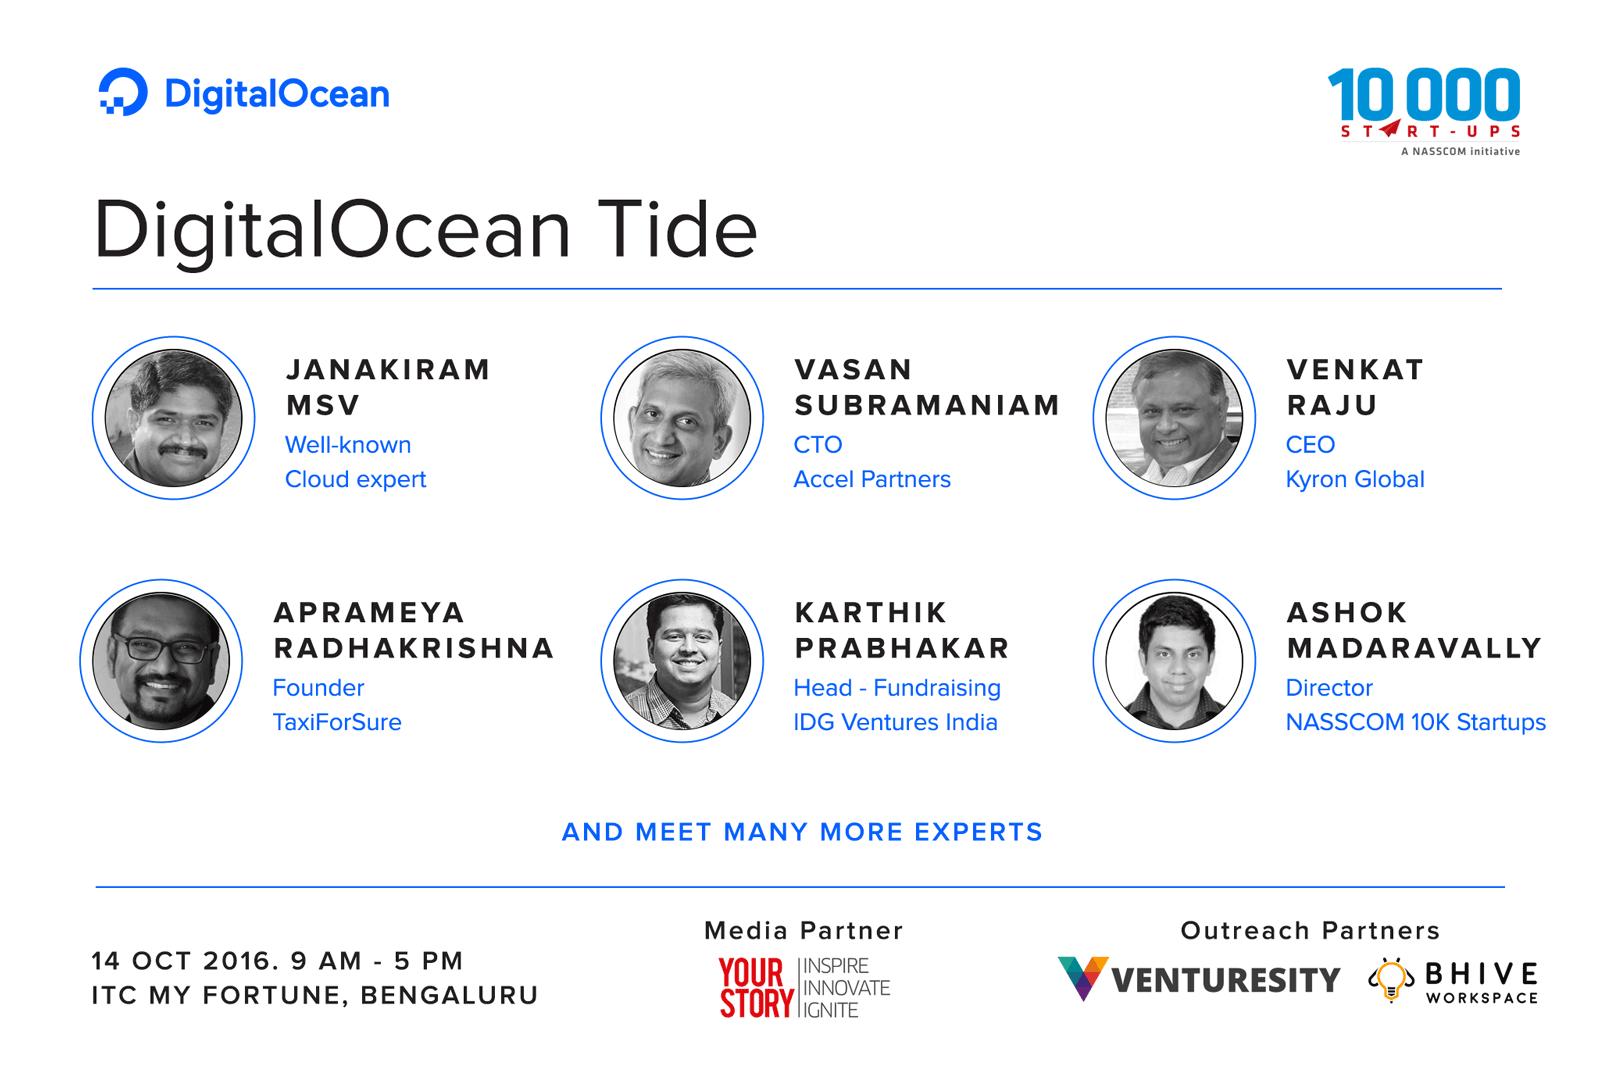 DigitalOcean Tide